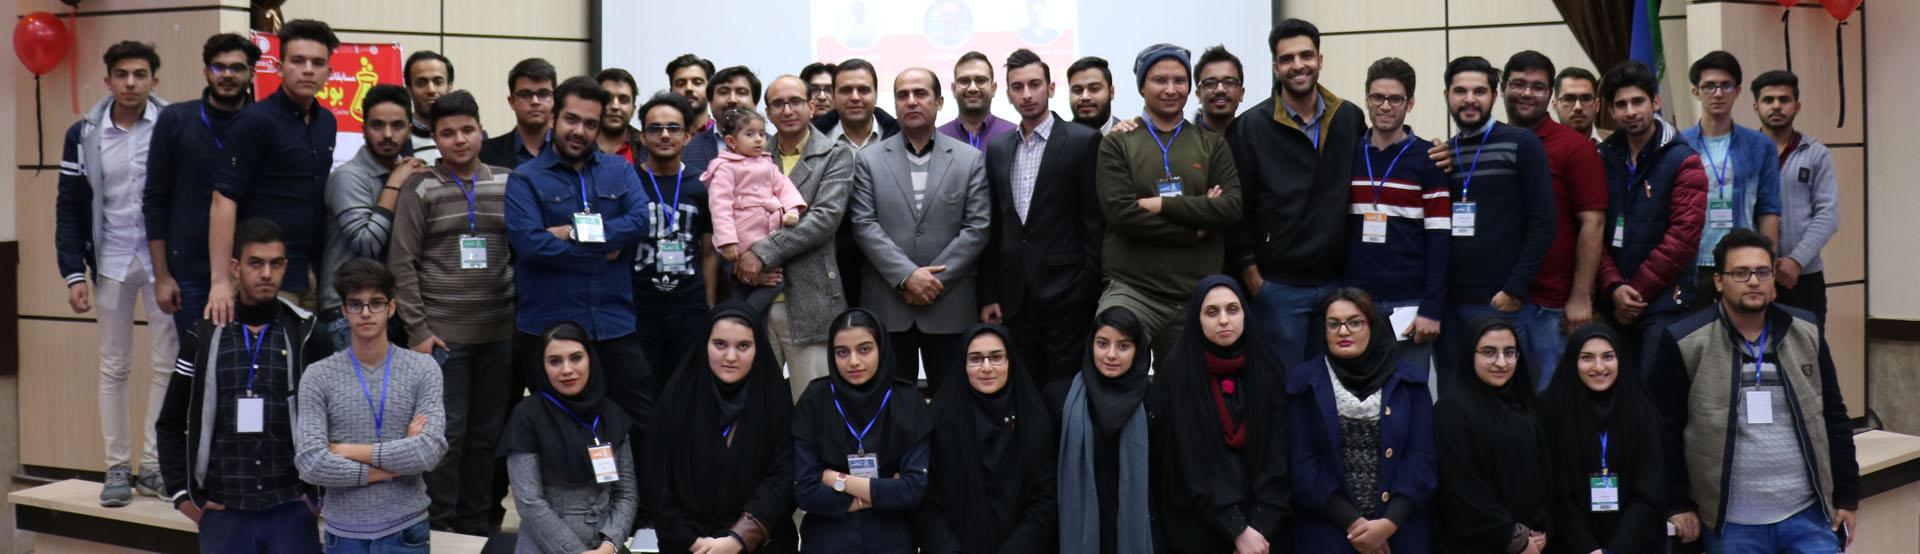 برگزاری اردوی کارآفرینی یک روزه (بوت کمپ) با همکاری پارک علم و فناوری خراسان جنوبی و دانشگاه صنعتی بیرجند